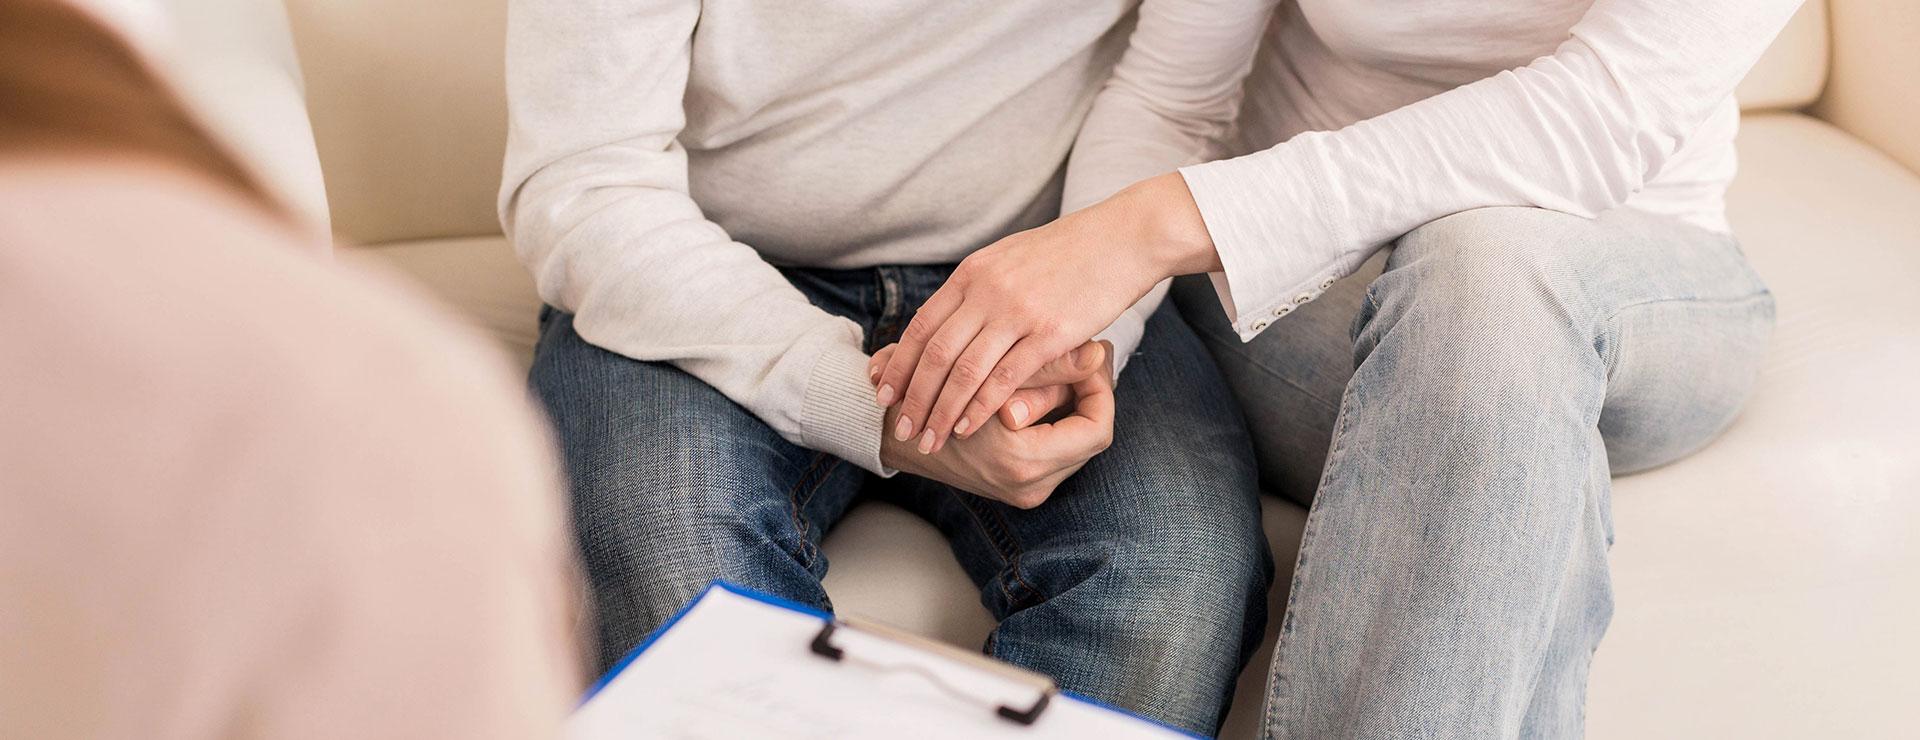 Das Bild zeigt eine Beratungssituation mit einem Elternpaar und einer Beraterperson. Das Elternpaar hält sich an den Händen.